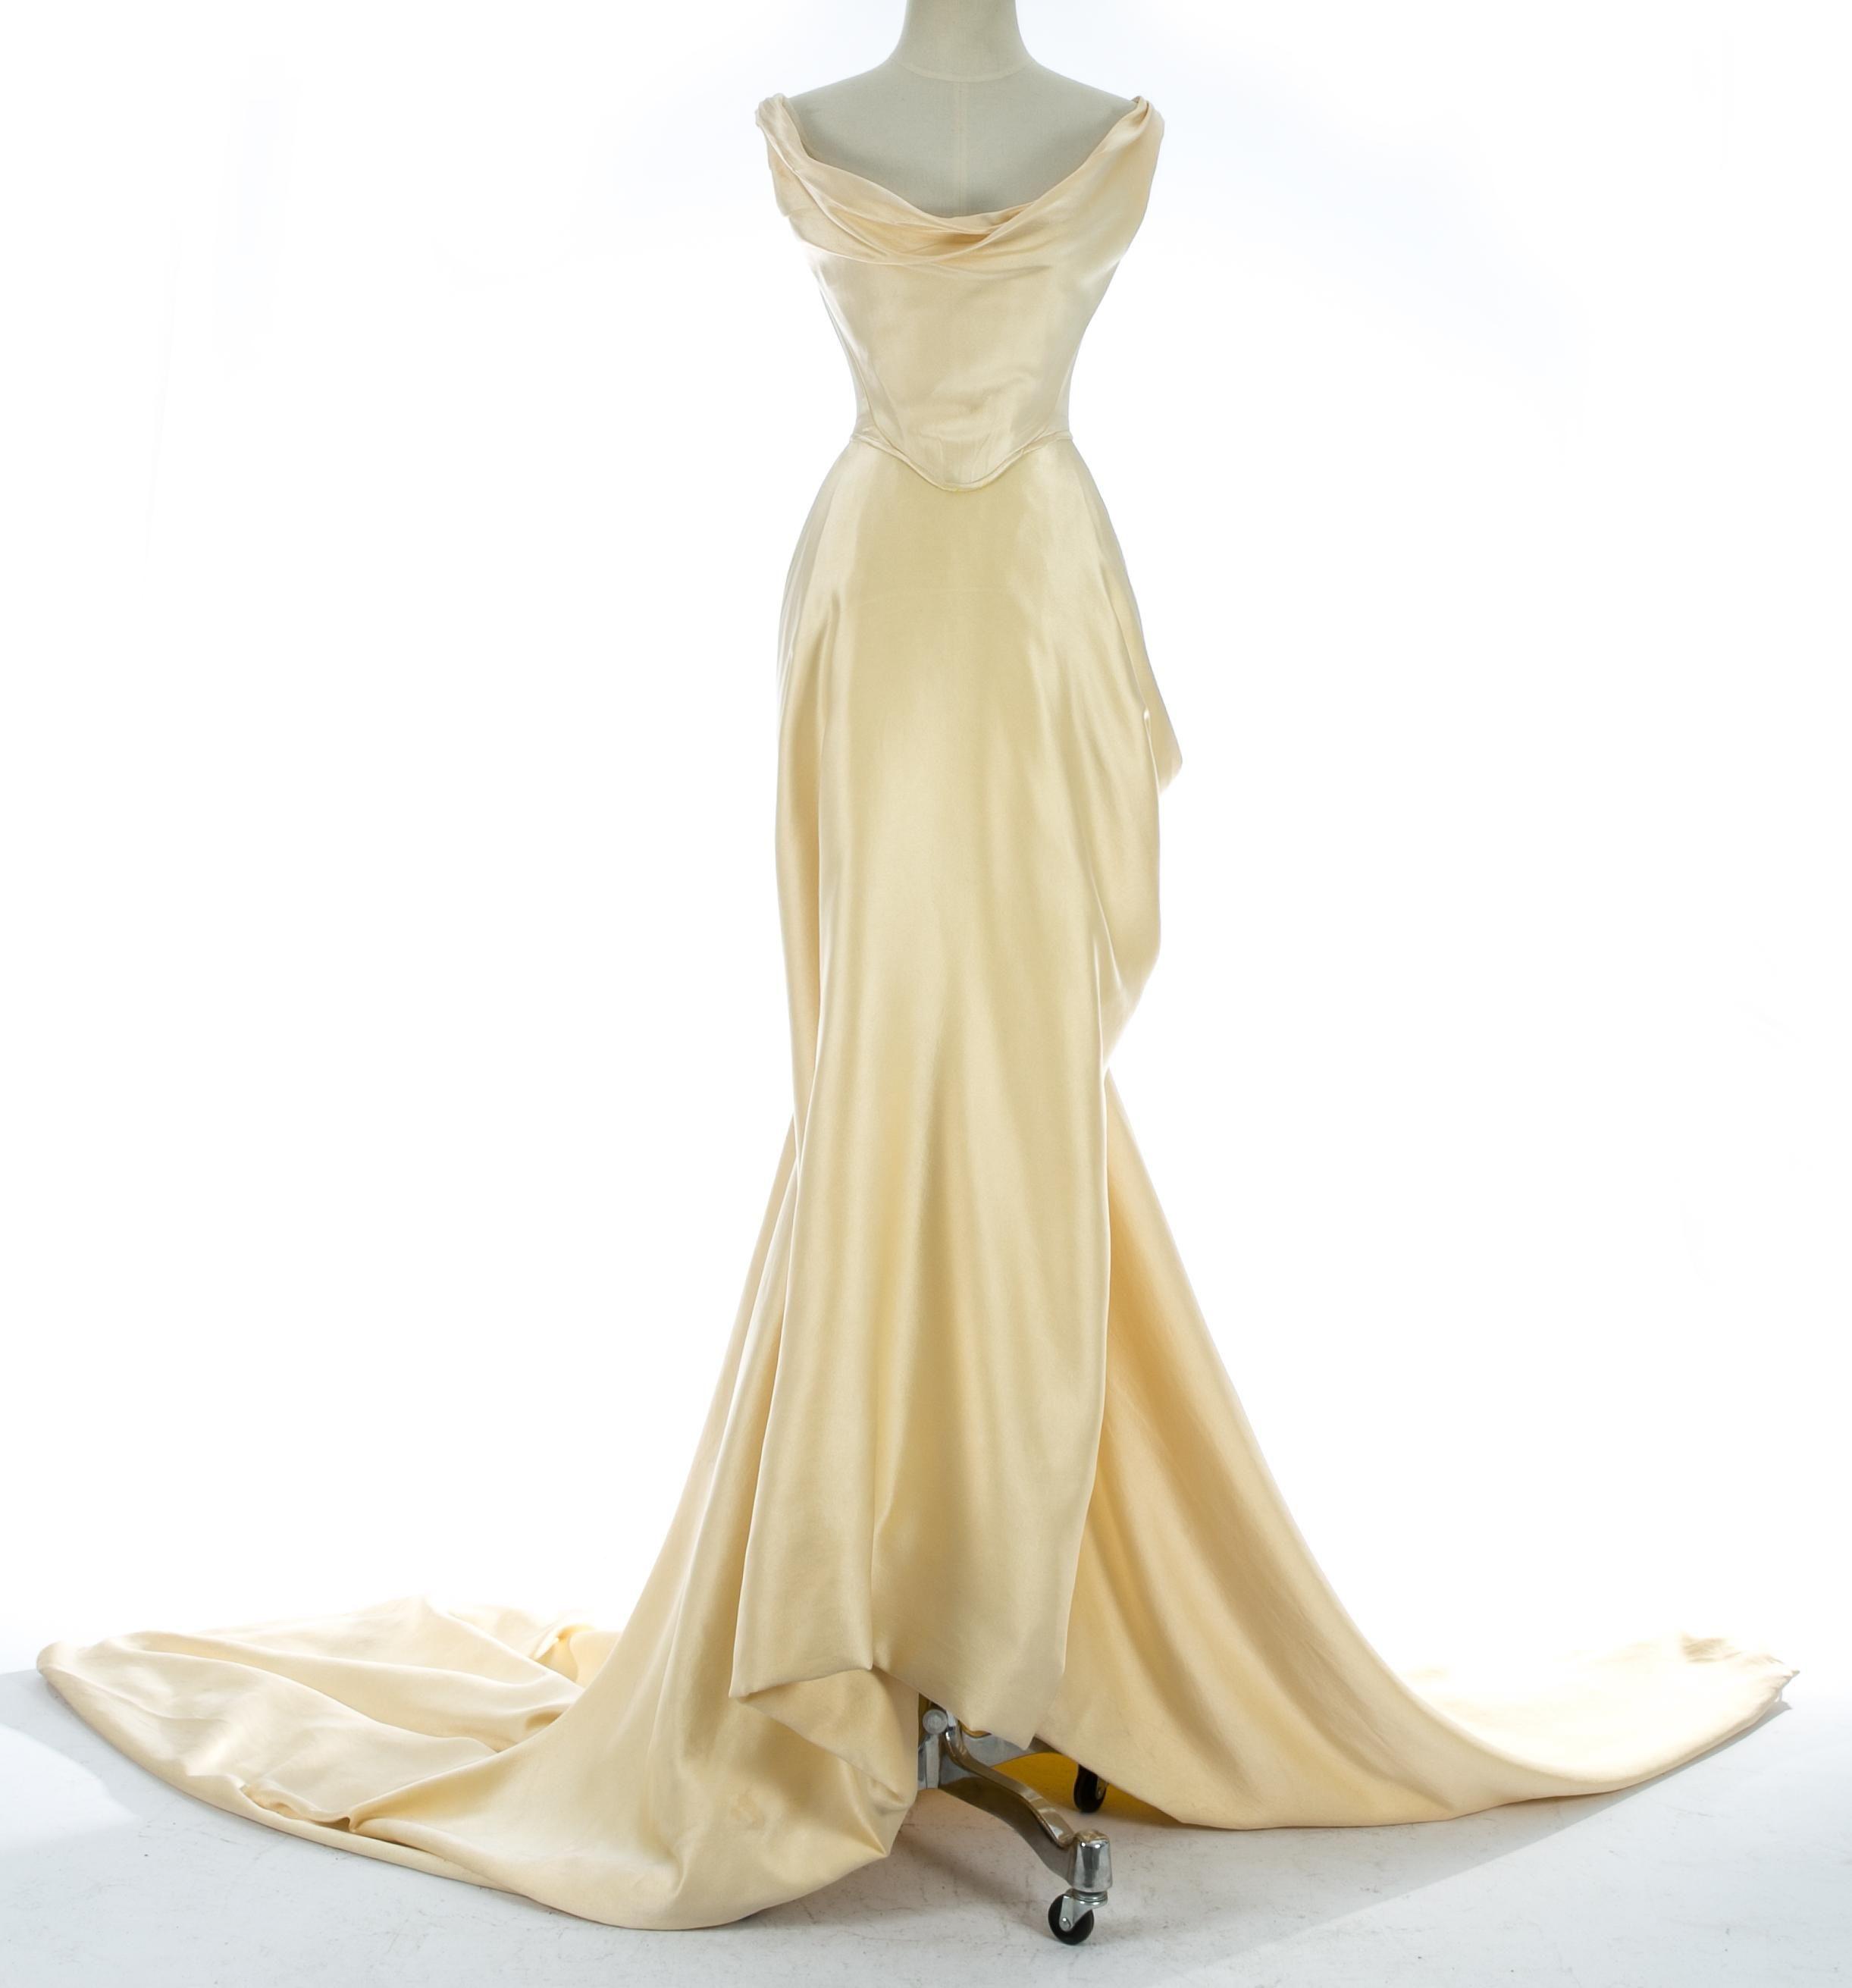 Vivienne Westwood Cream Silk Corset And Draped Skirt Wedding Ensemble C 1999 Hochzeitskleid Aus Seide Hubsche Kleider Tageskleider [ 2622 x 2443 Pixel ]